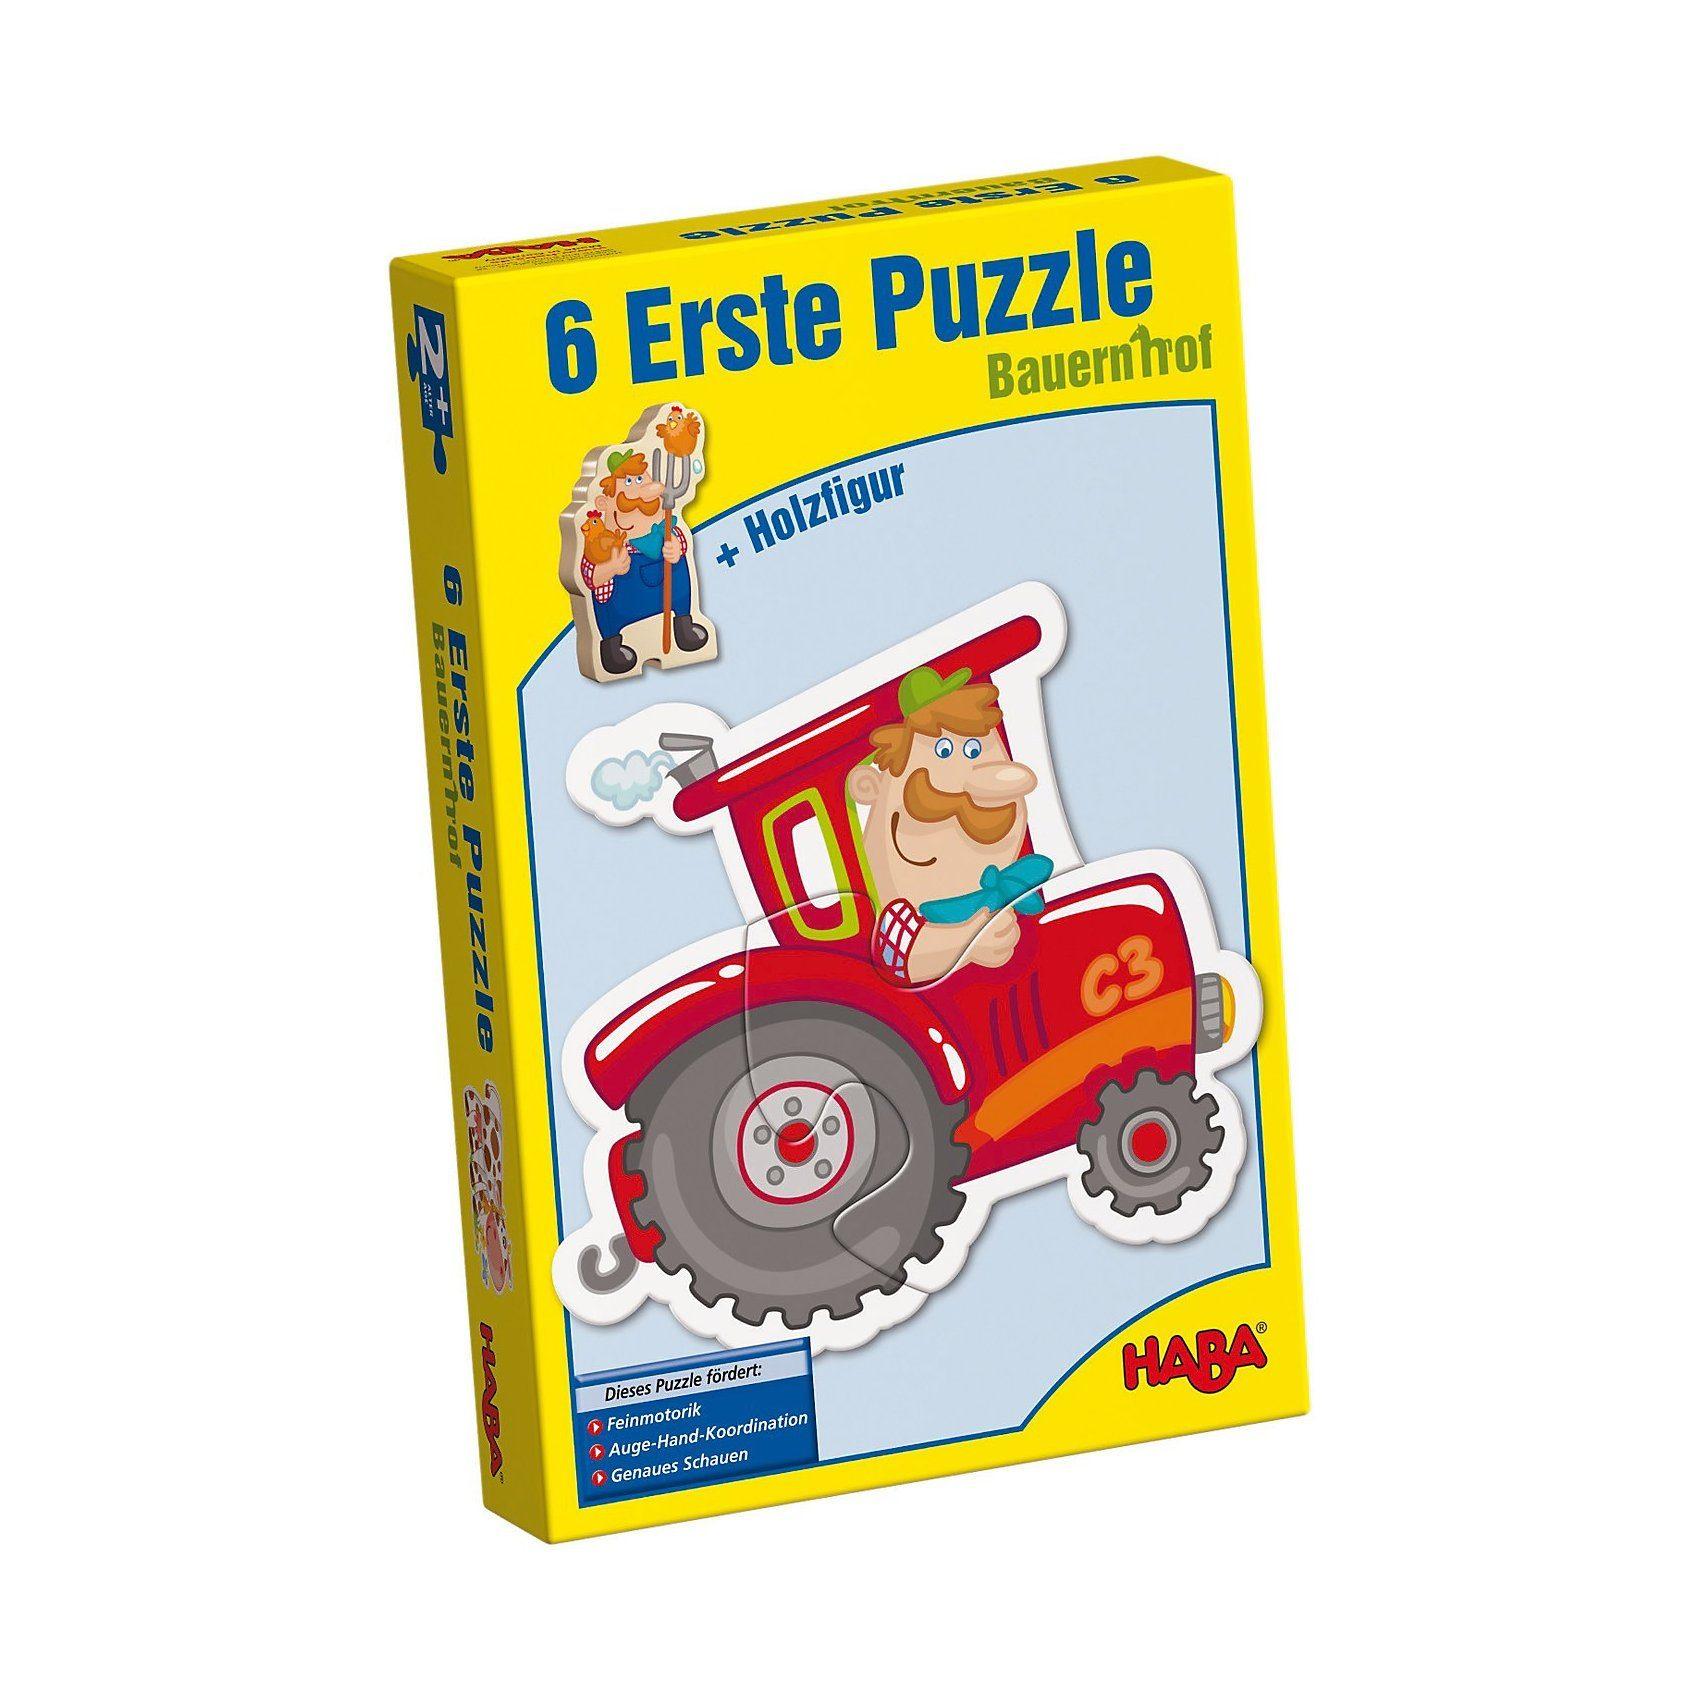 Haba 6 Erste Puzzle - Bauernhof